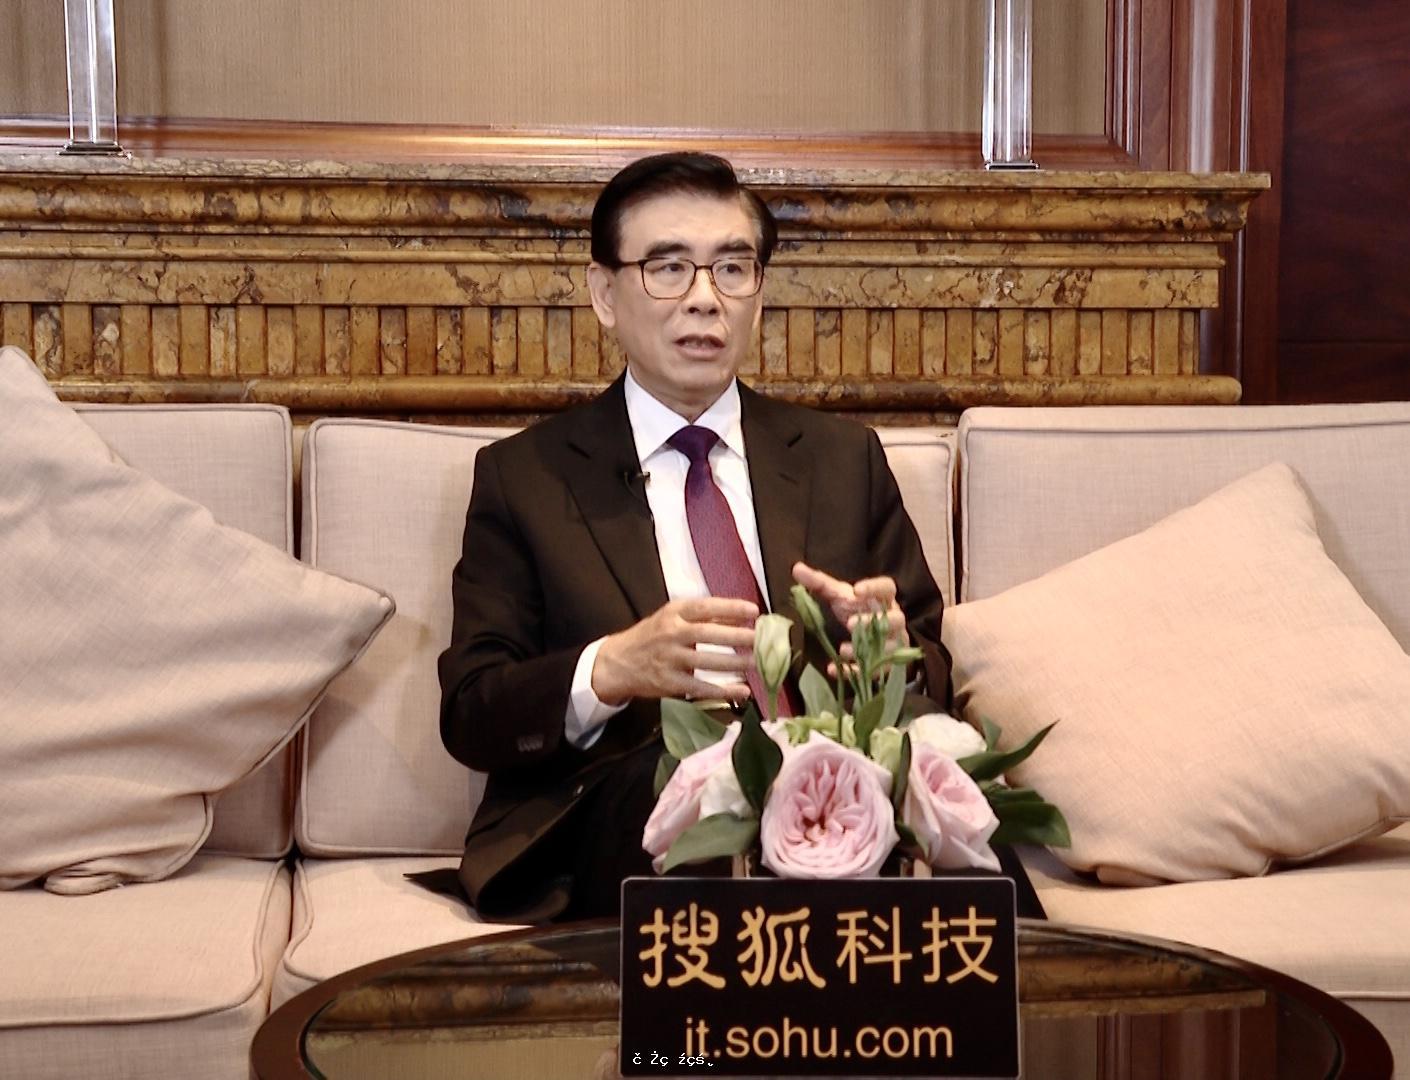 清華大學魏少軍:中國28nm芯片產業鏈未來1-2年有望成熟,要重視人才投入